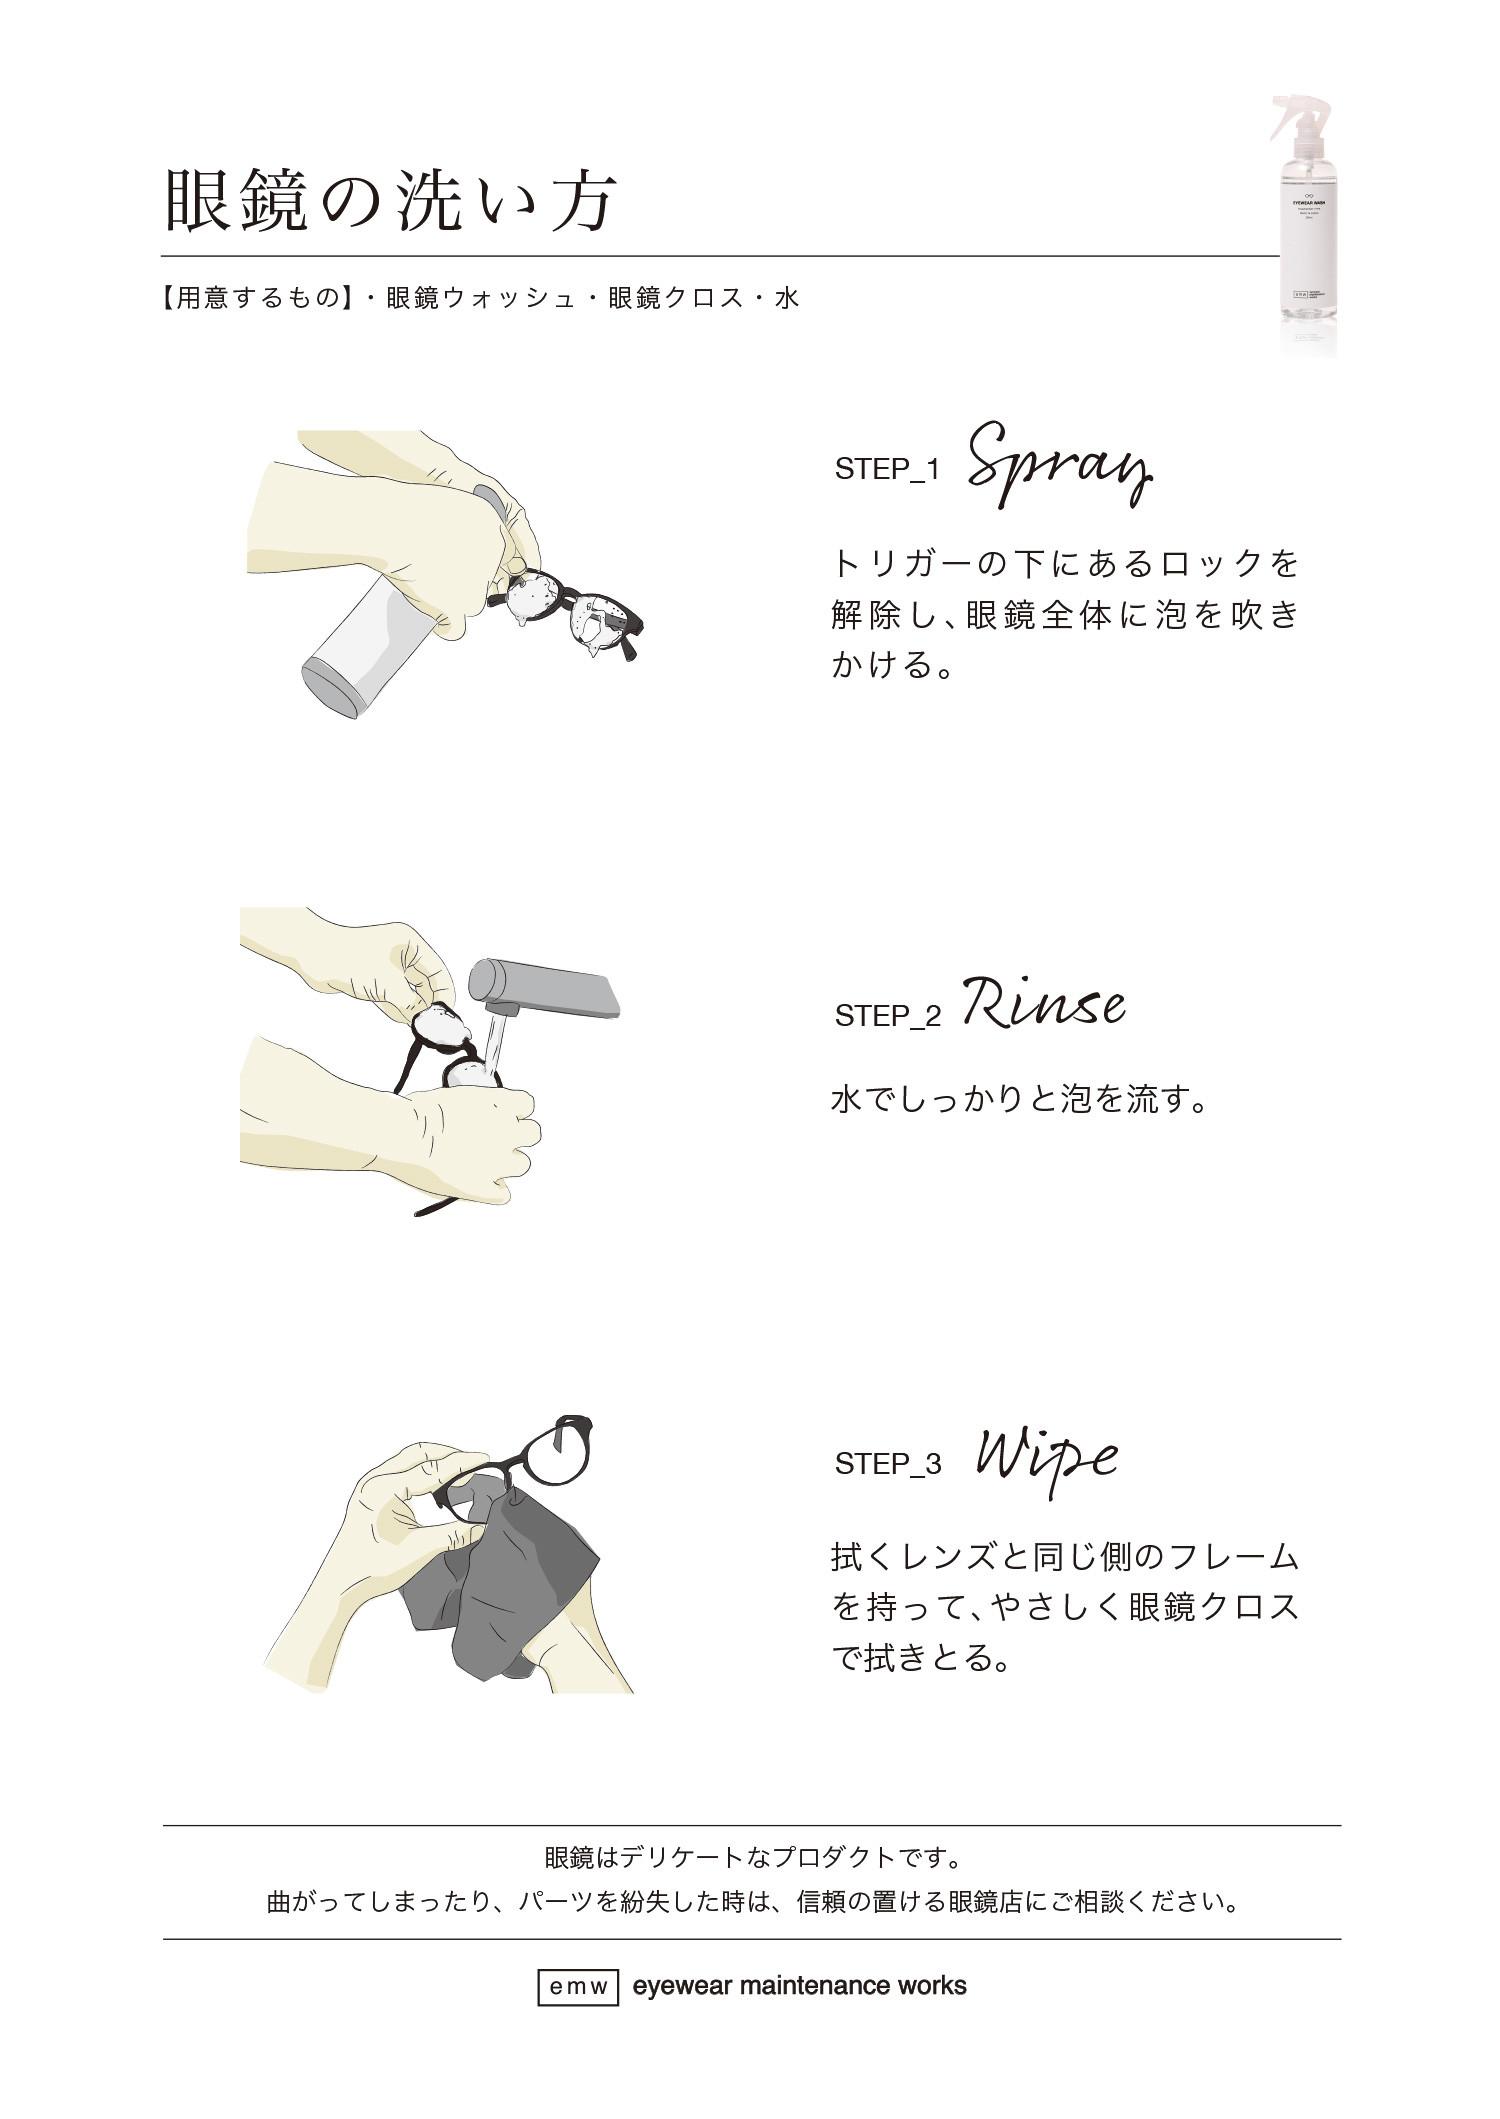 眼鏡の洗い方